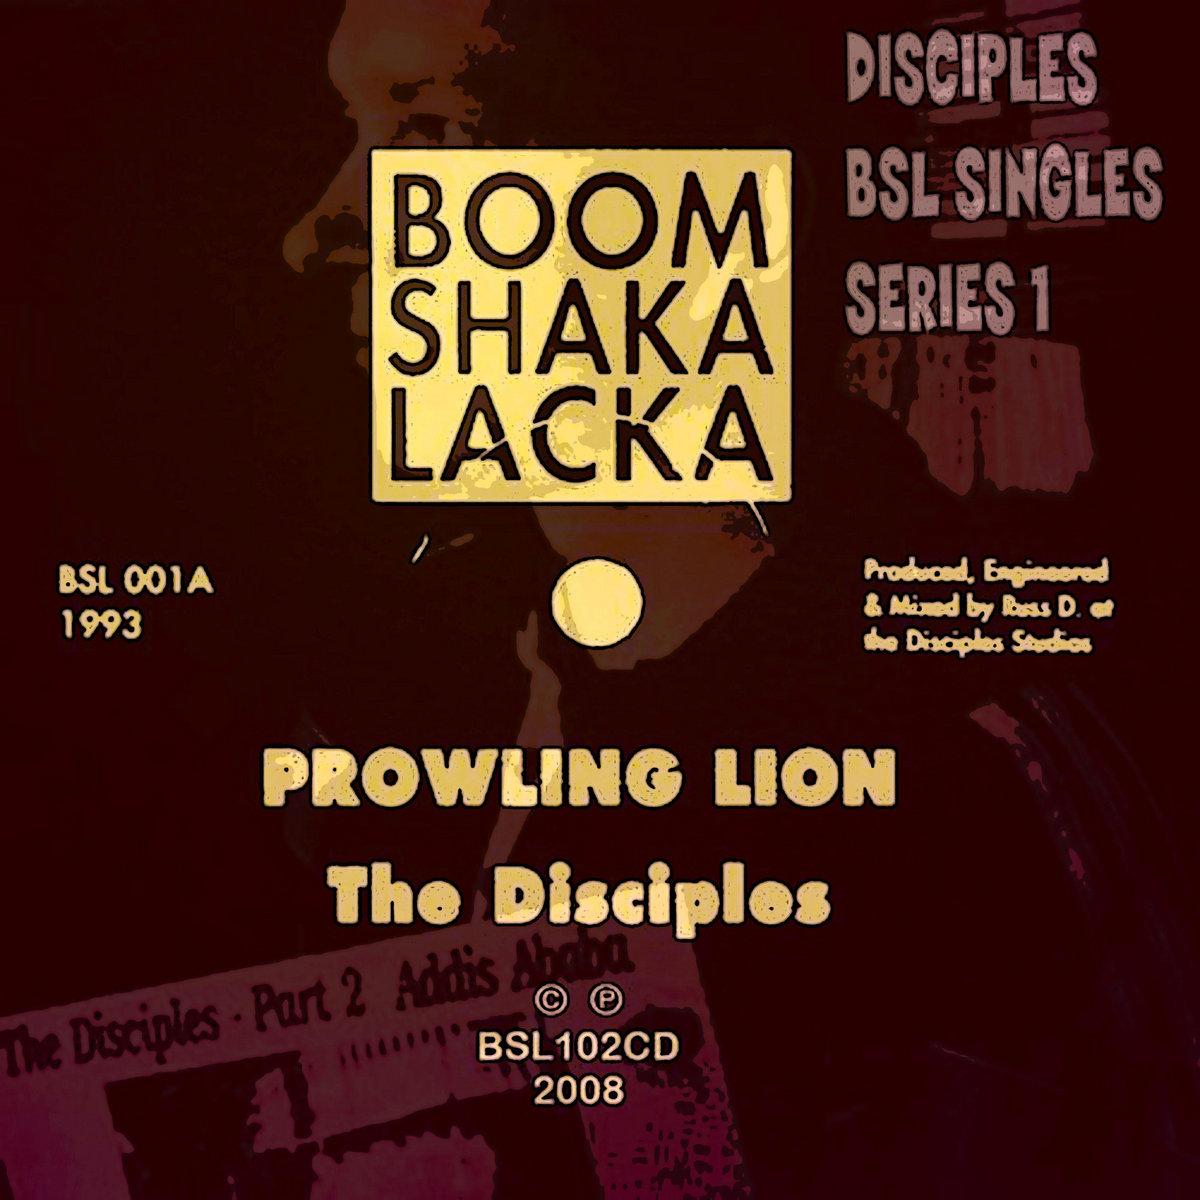 disciples boom shacka lacka singles series 1 the disciples